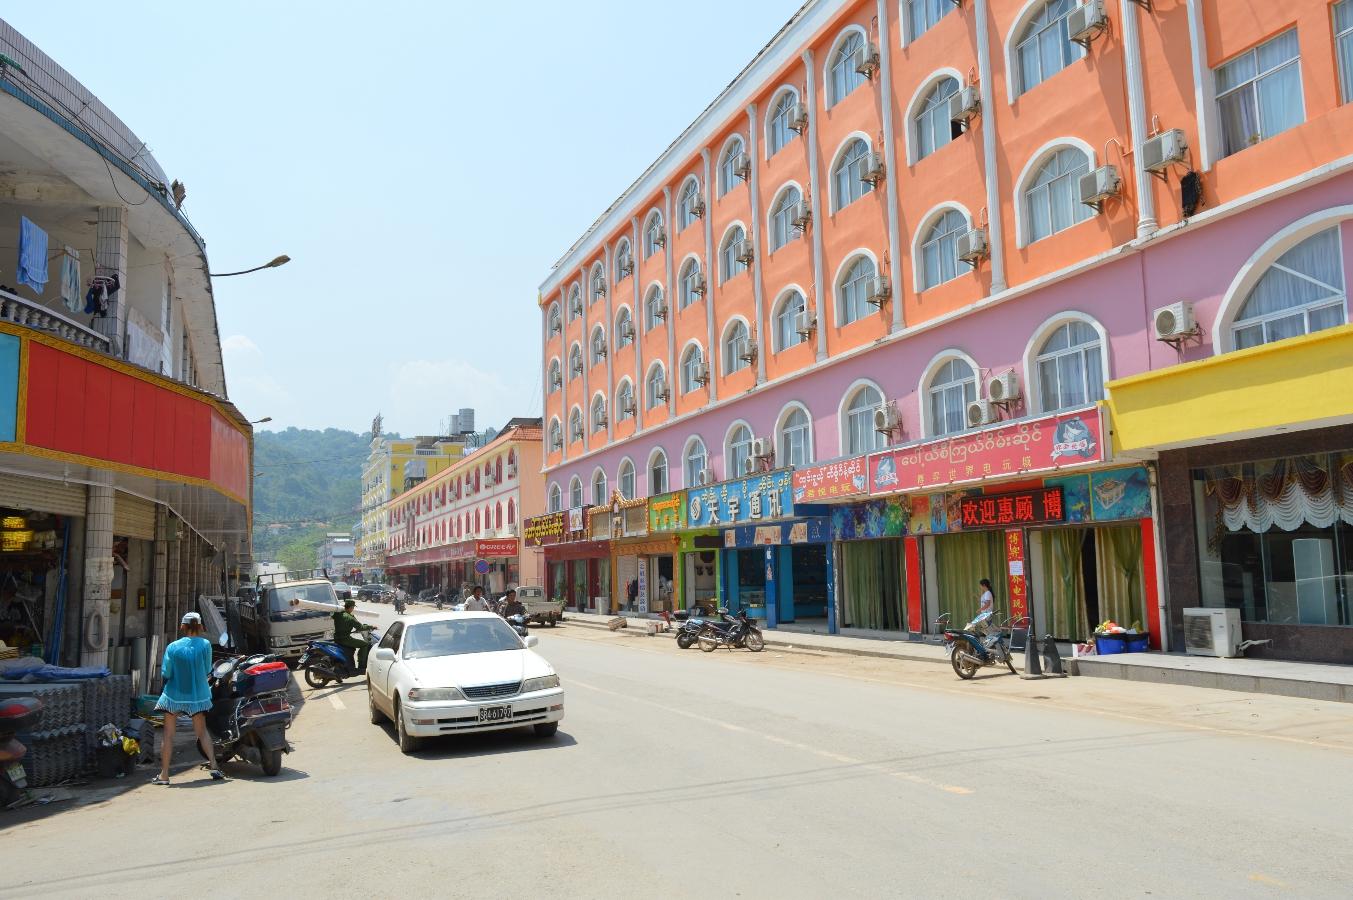 In Mongla gibt es nur Hotels, die man im Internet nicht findet, und Casinos.